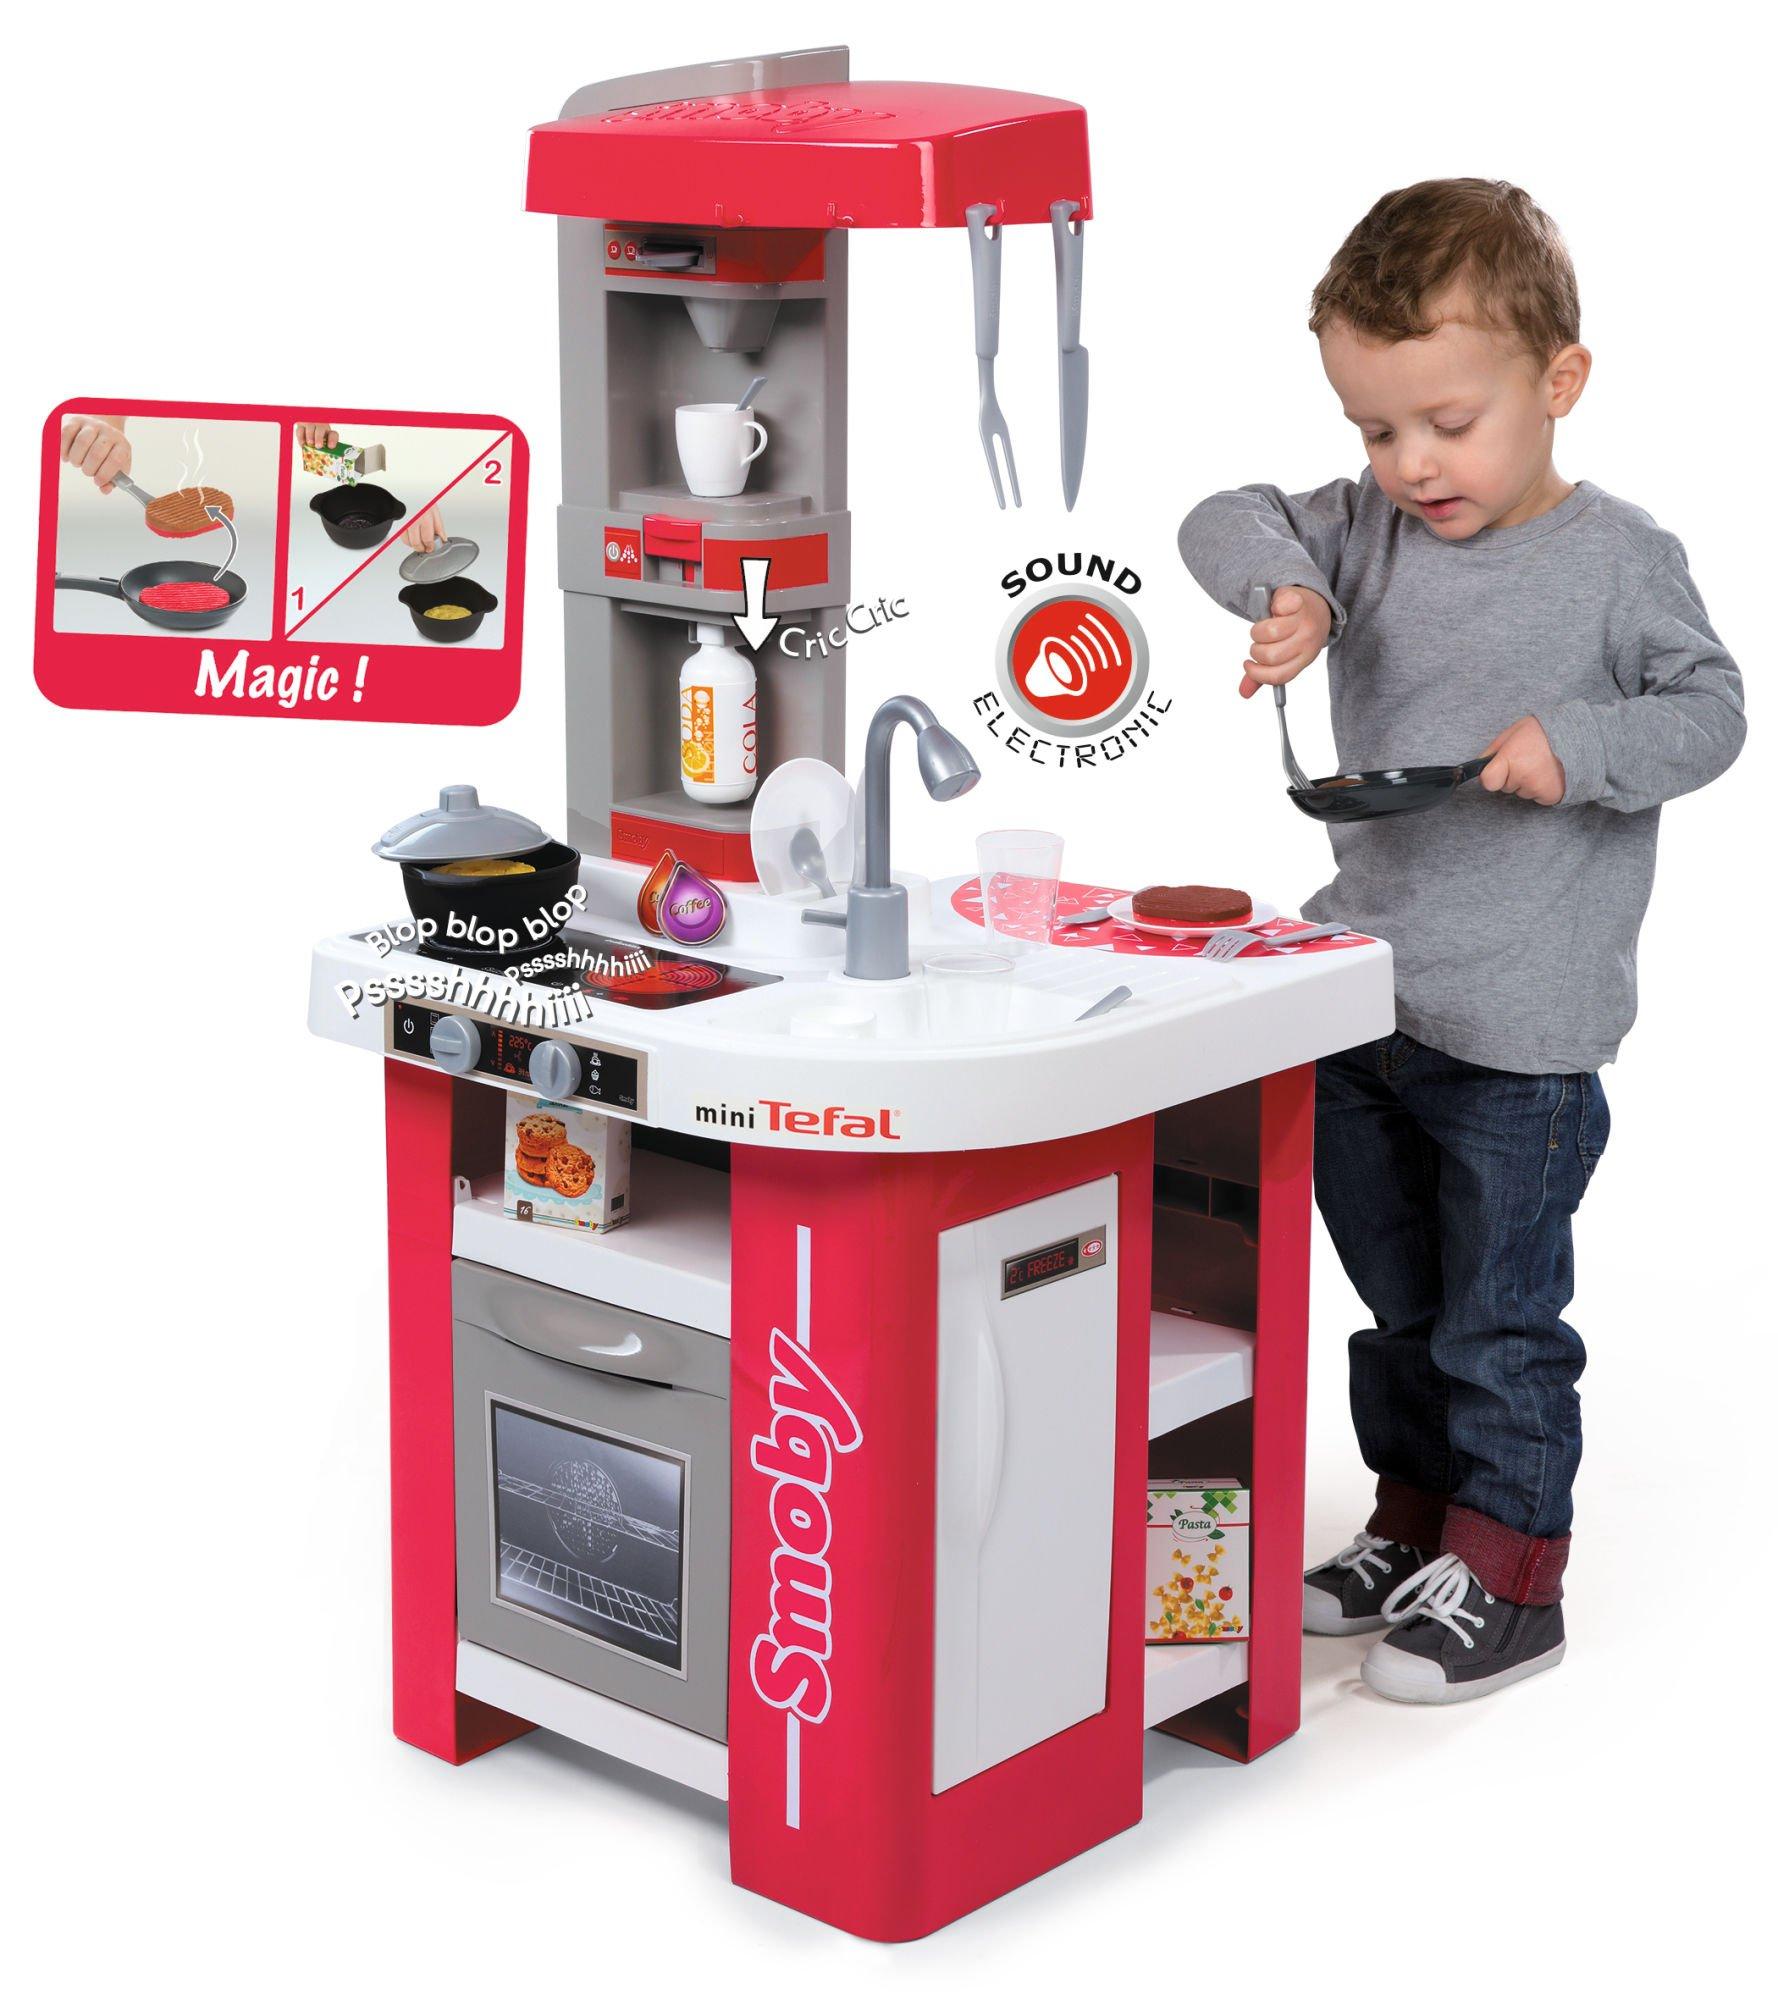 Smoby Kuchnia Mini Tefal Studio 311022 Zabawki Zabawki Agd 3 4